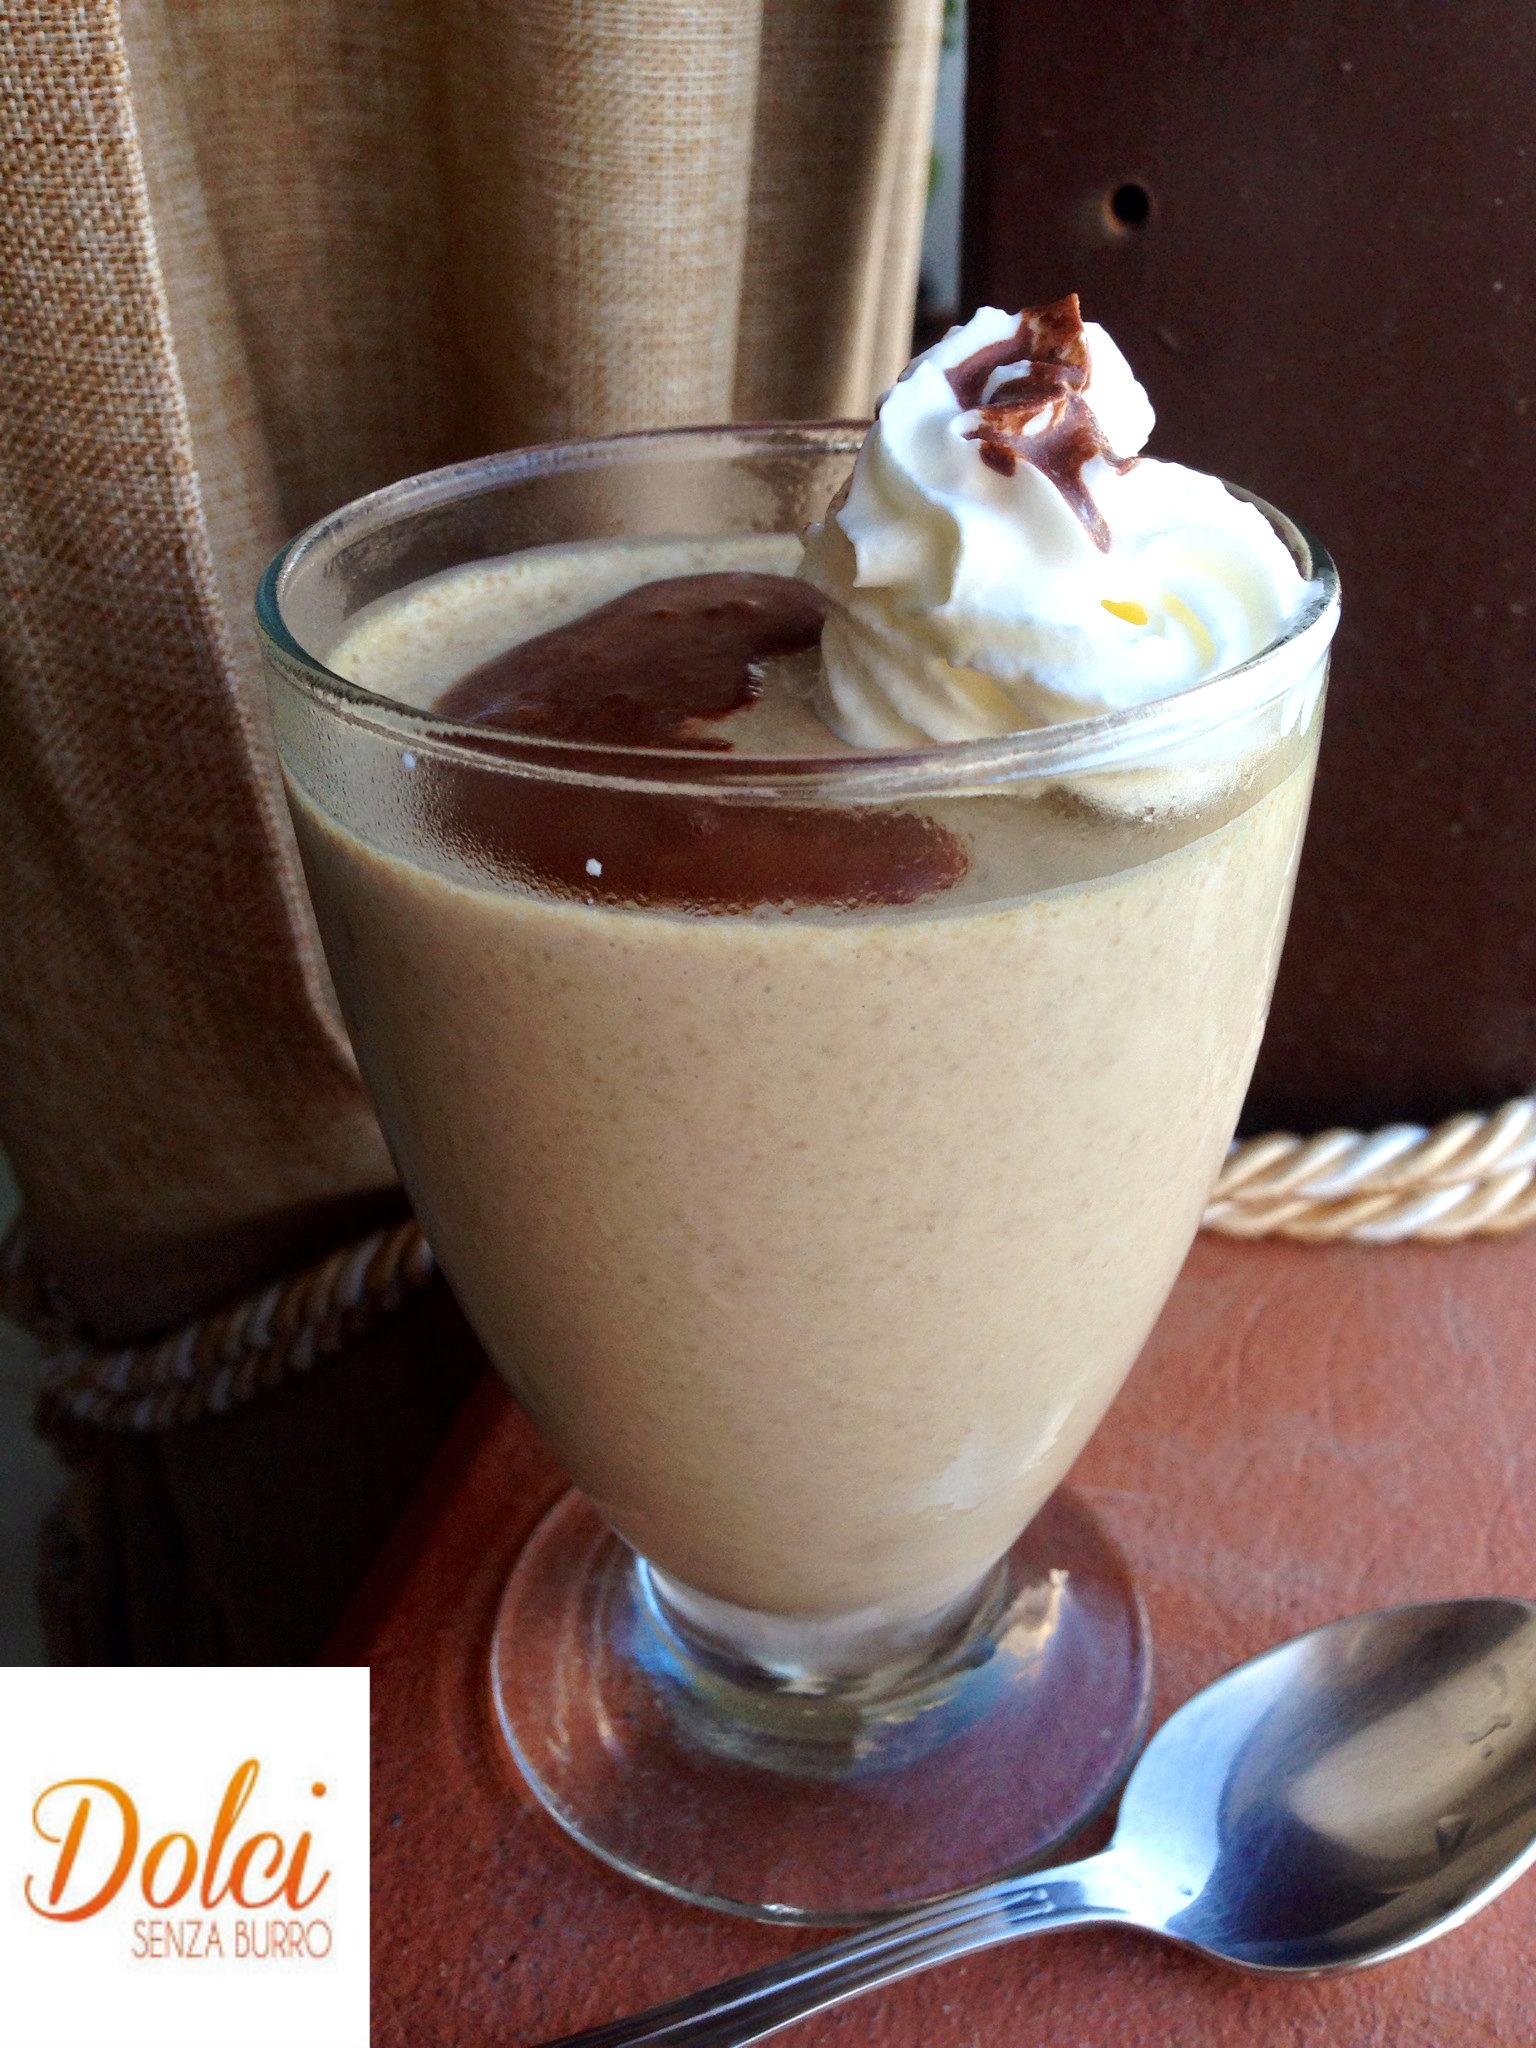 semifreddo al caffè , il dolce light e senza lattosio di dolci senza burro